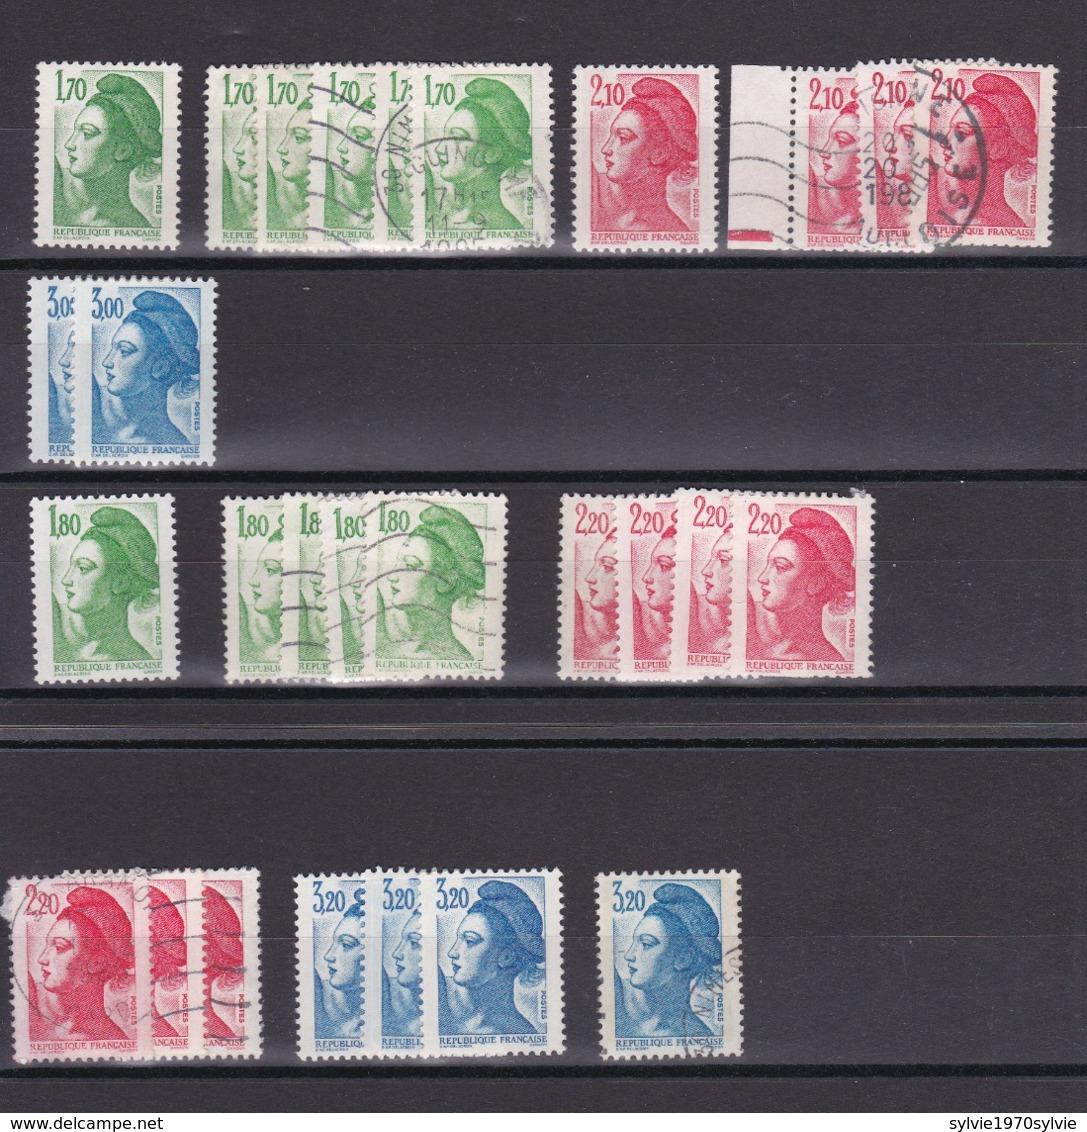 TIMBRE FRANCE/ N° 2318/2319/2320/2375/2376/2377   NEUF SANS CHARNIERE ET OBLITERE COTE  23 EURO - Autres